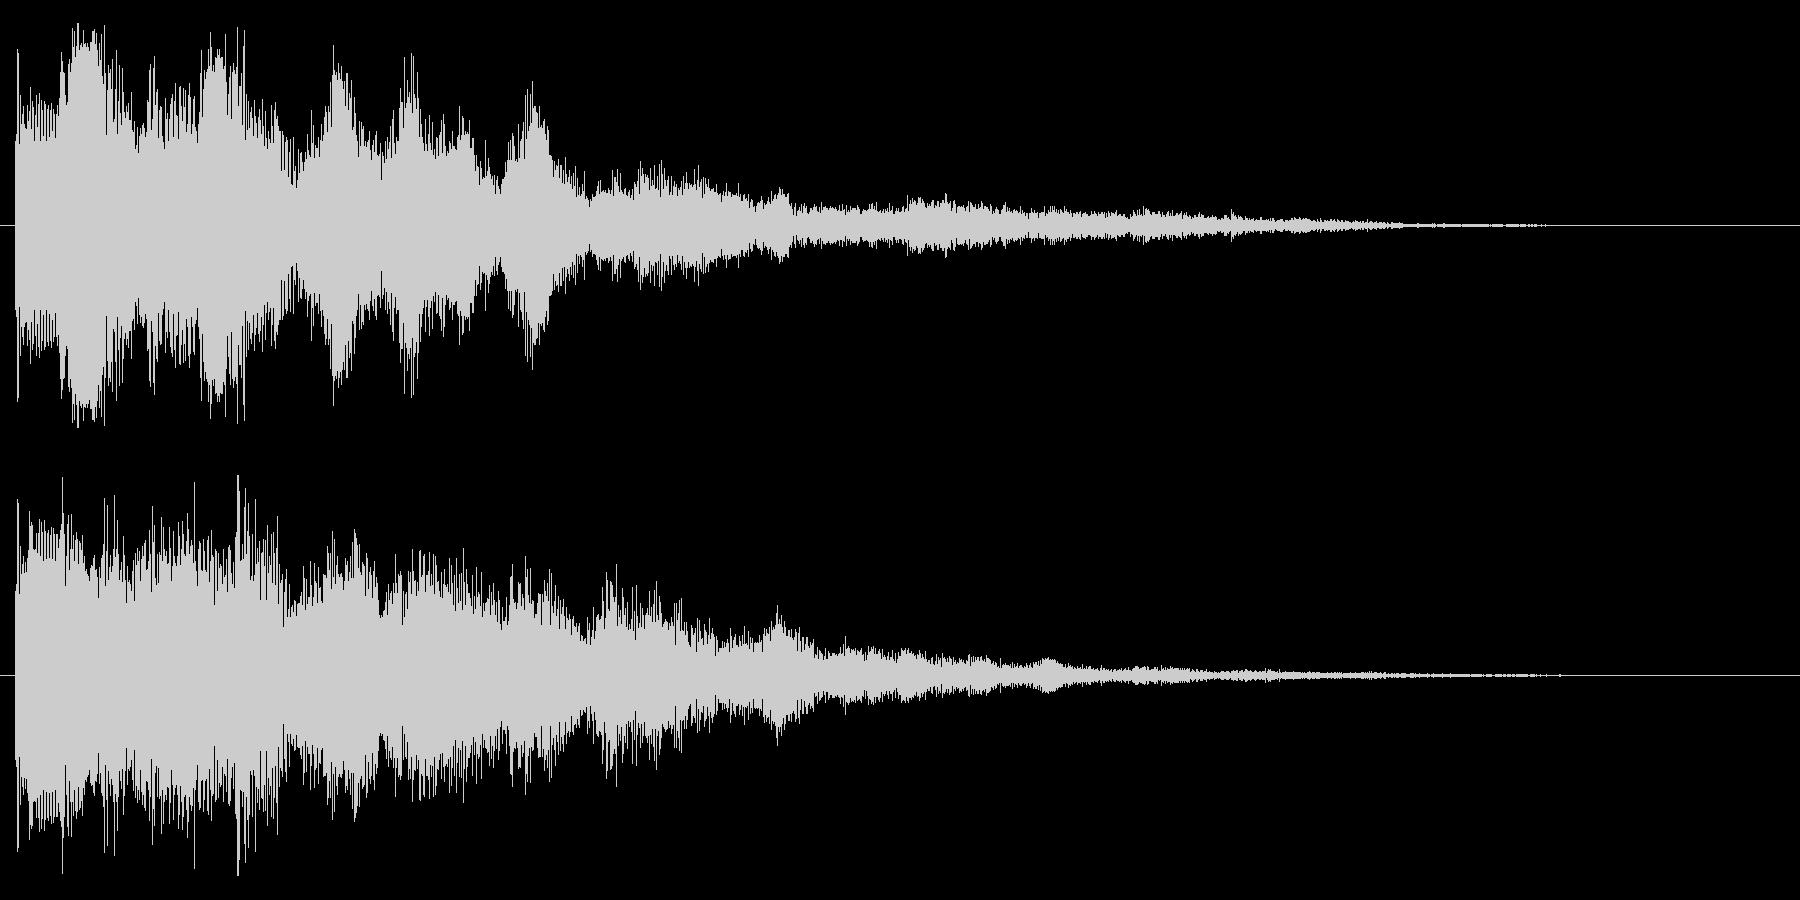 ファンタジックなセレクト音 決定音 開始の未再生の波形